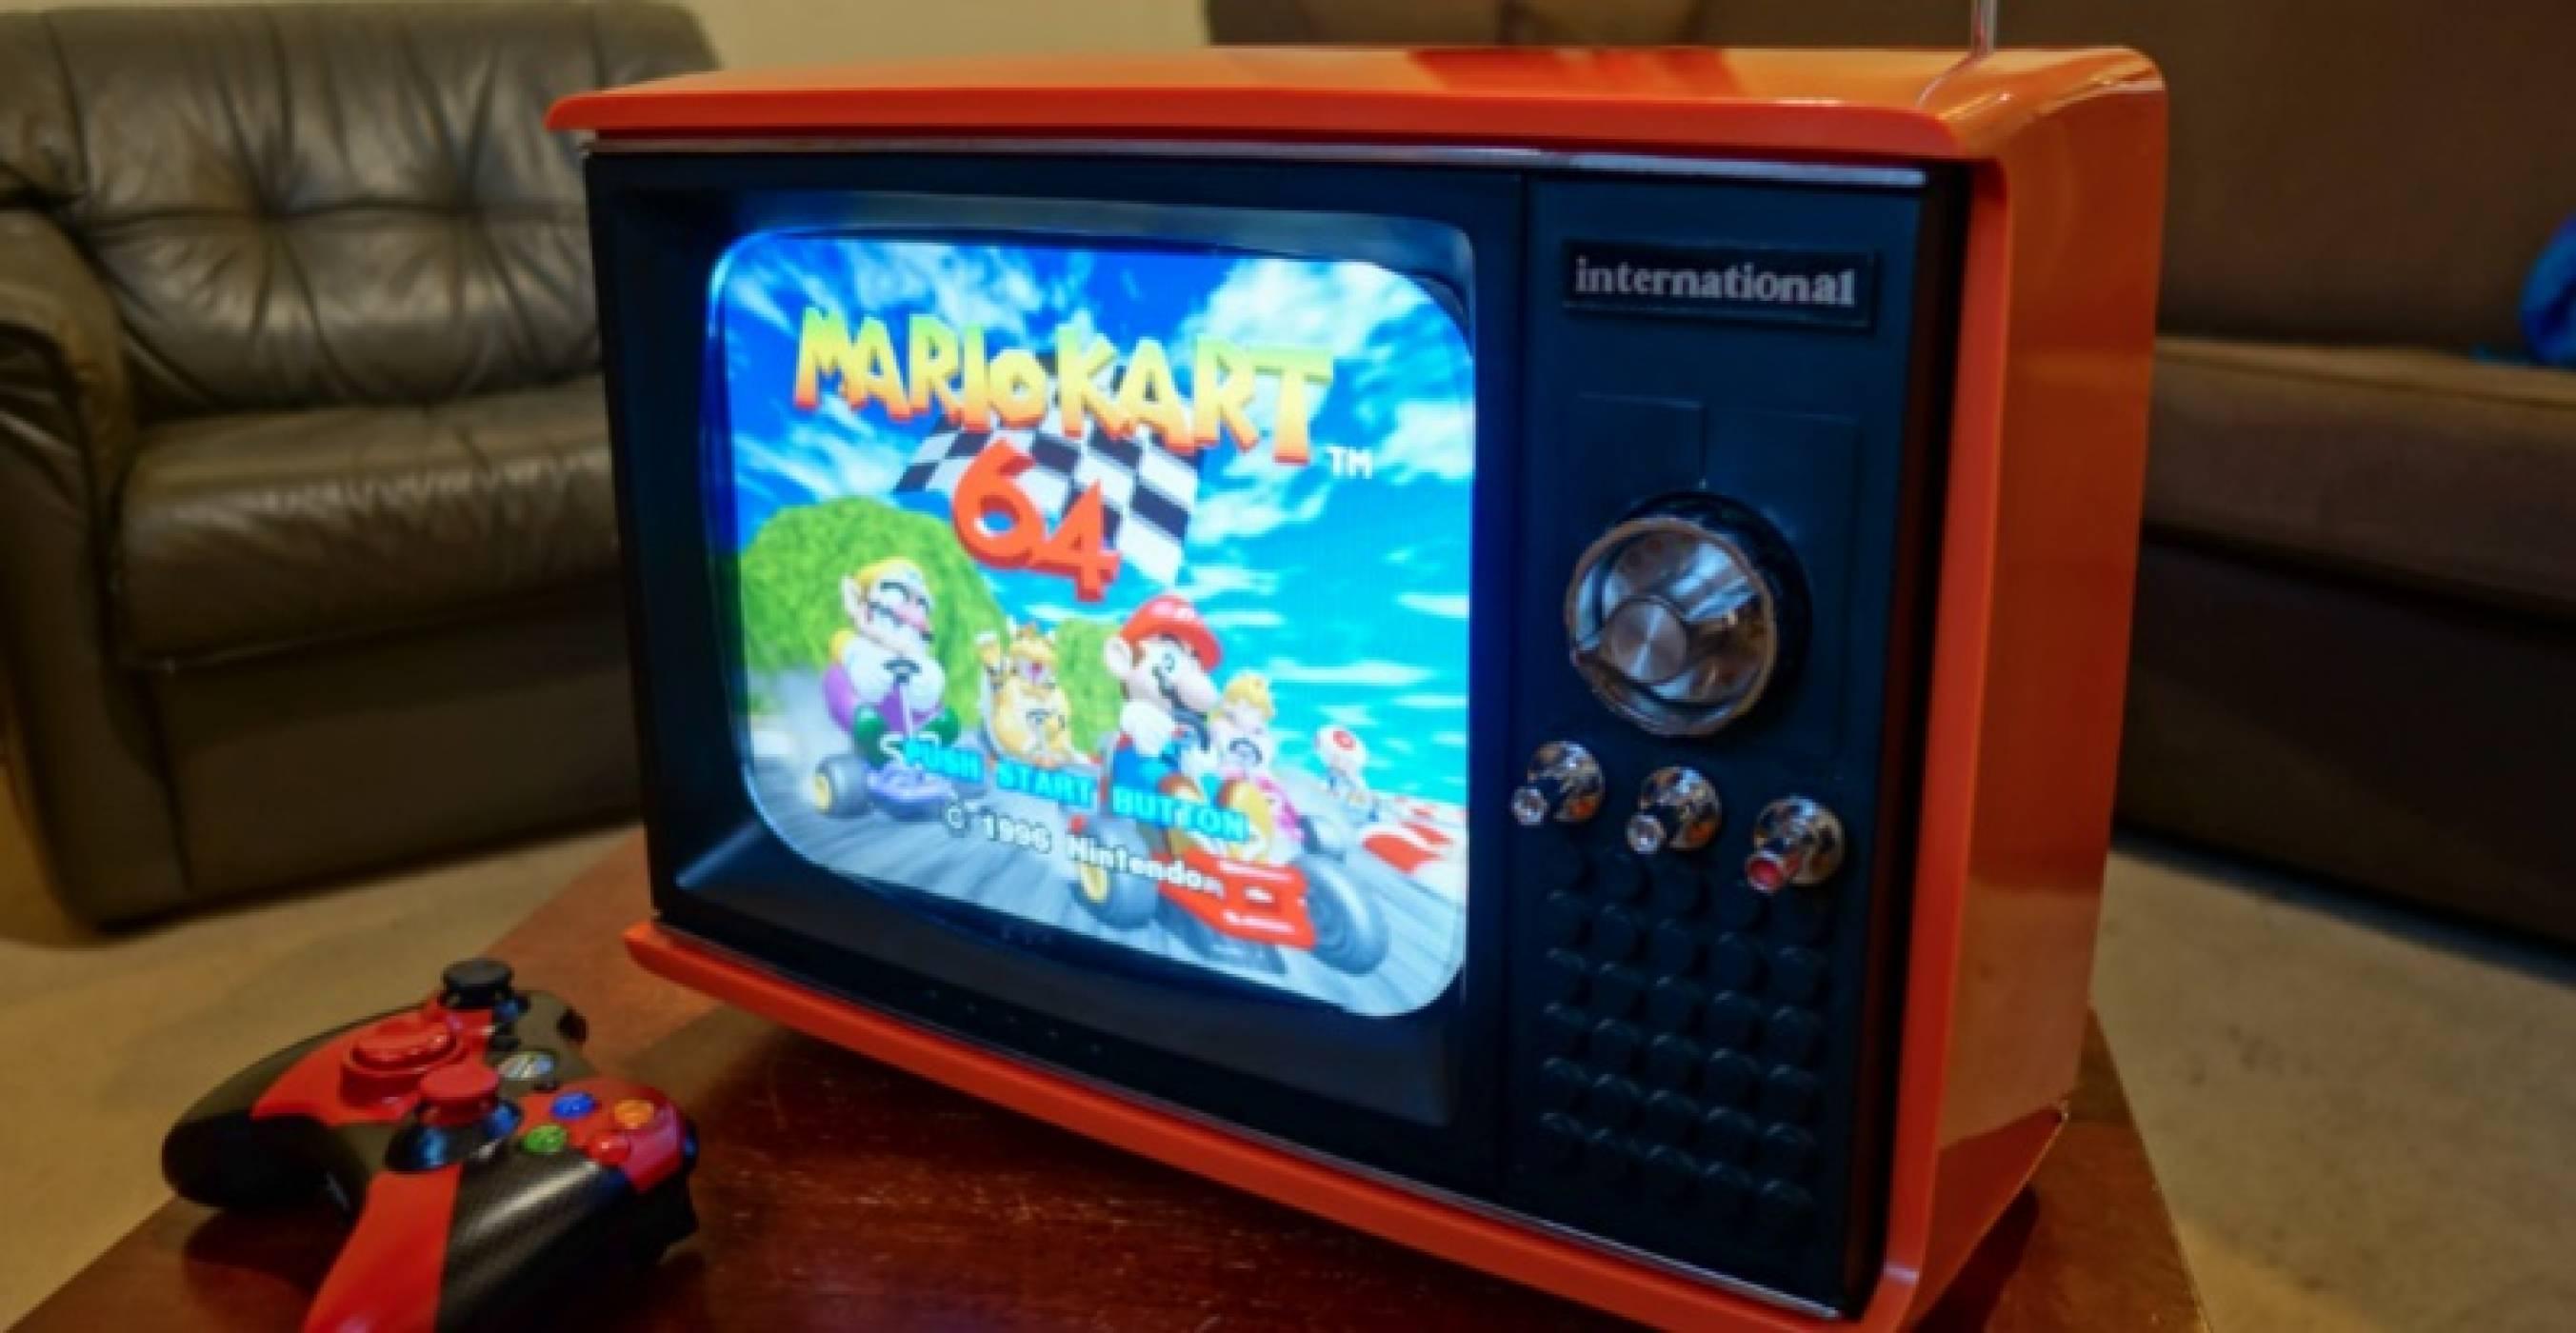 Този античен телевизор всъщност е невероятна ретро конзола, захранвана с Raspberry Pi